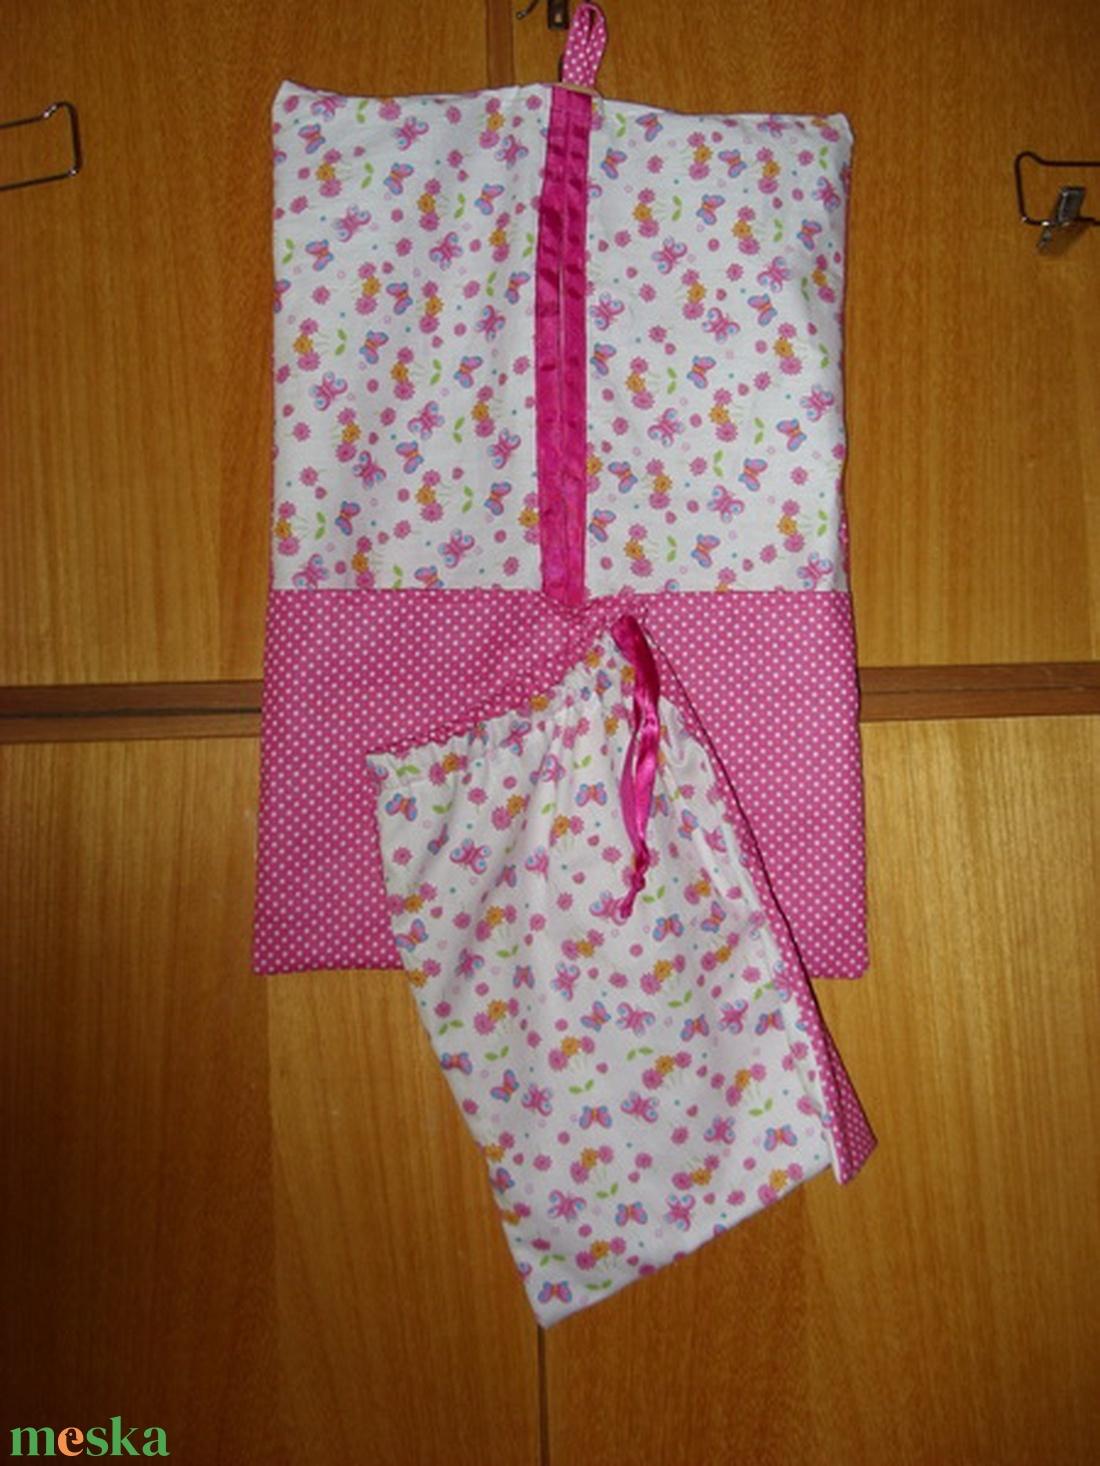 2 db-os csajos, pillangós vállfás ovis ruha- és tornazsák szett   100% design pamut - sok minta - játék & gyerek - Meska.hu